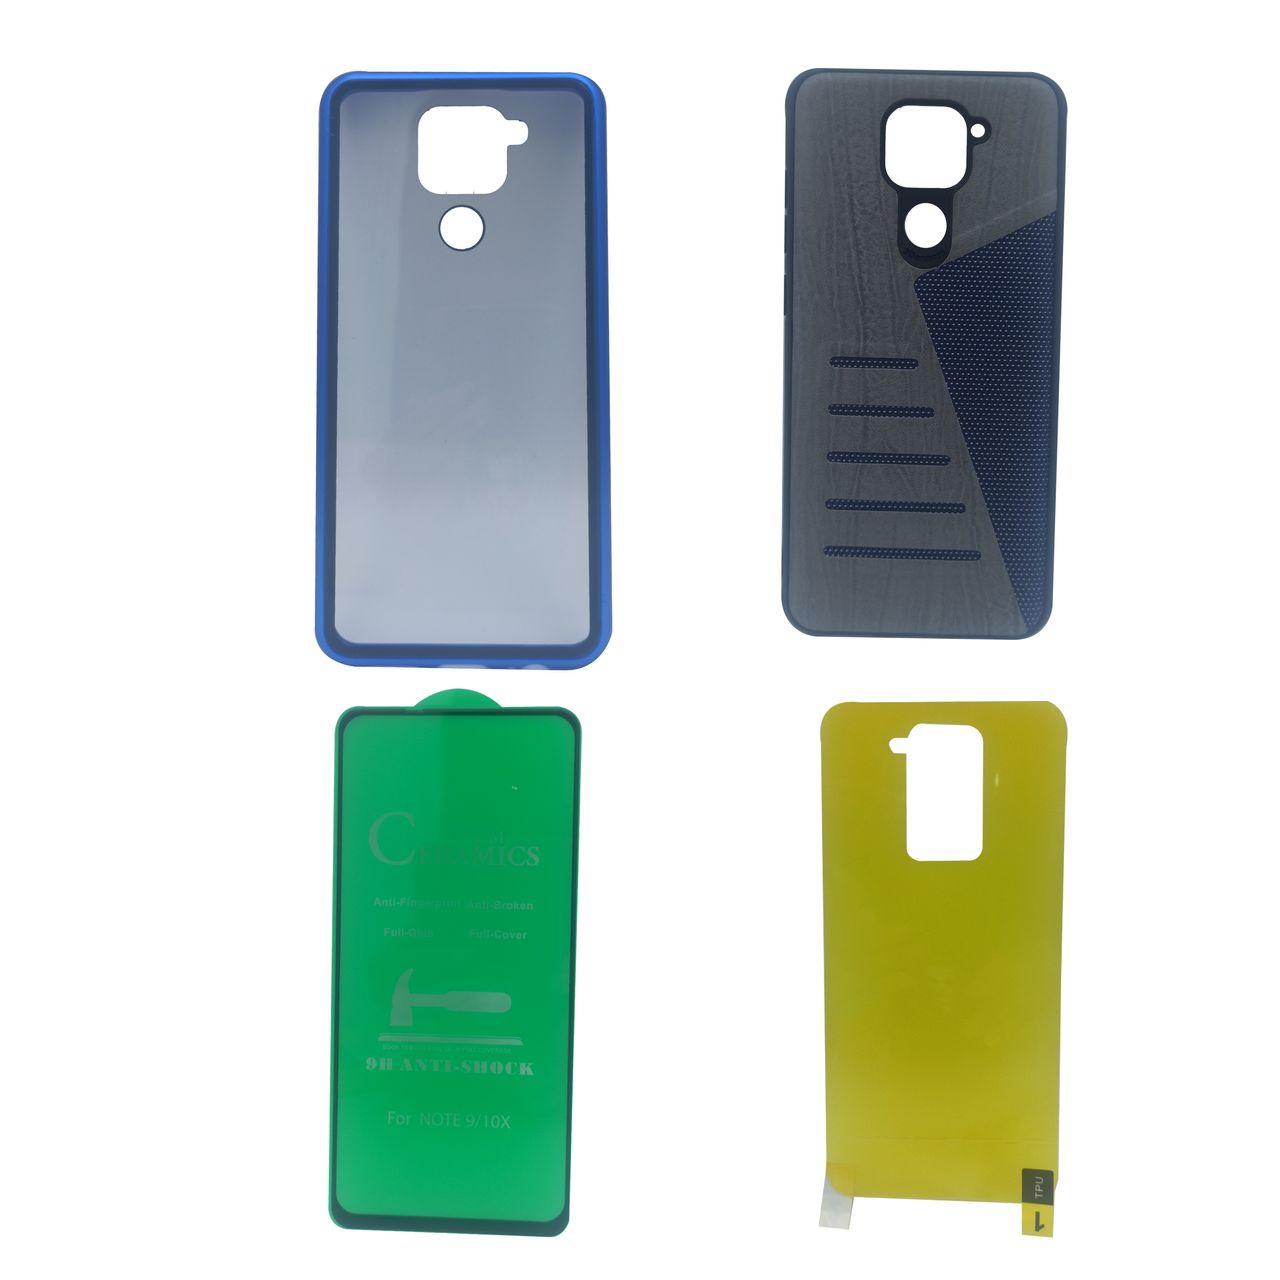 کاور مدل PAK2A31 مناسب برای گوشی موبایل شیائومی Redmi Note 9 مجموعه 2 عددی به همراه محافظ صفحه نمایش و محافظ پشت گوشی